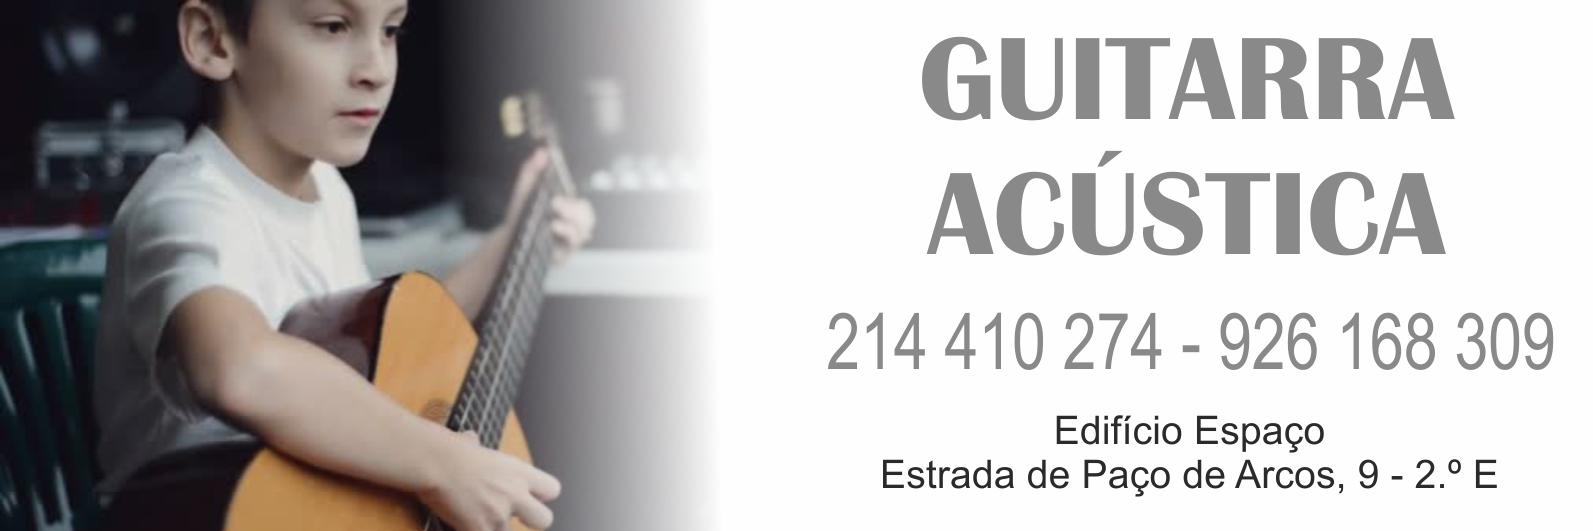 slider 05 - GUITARRA ACUSTICA